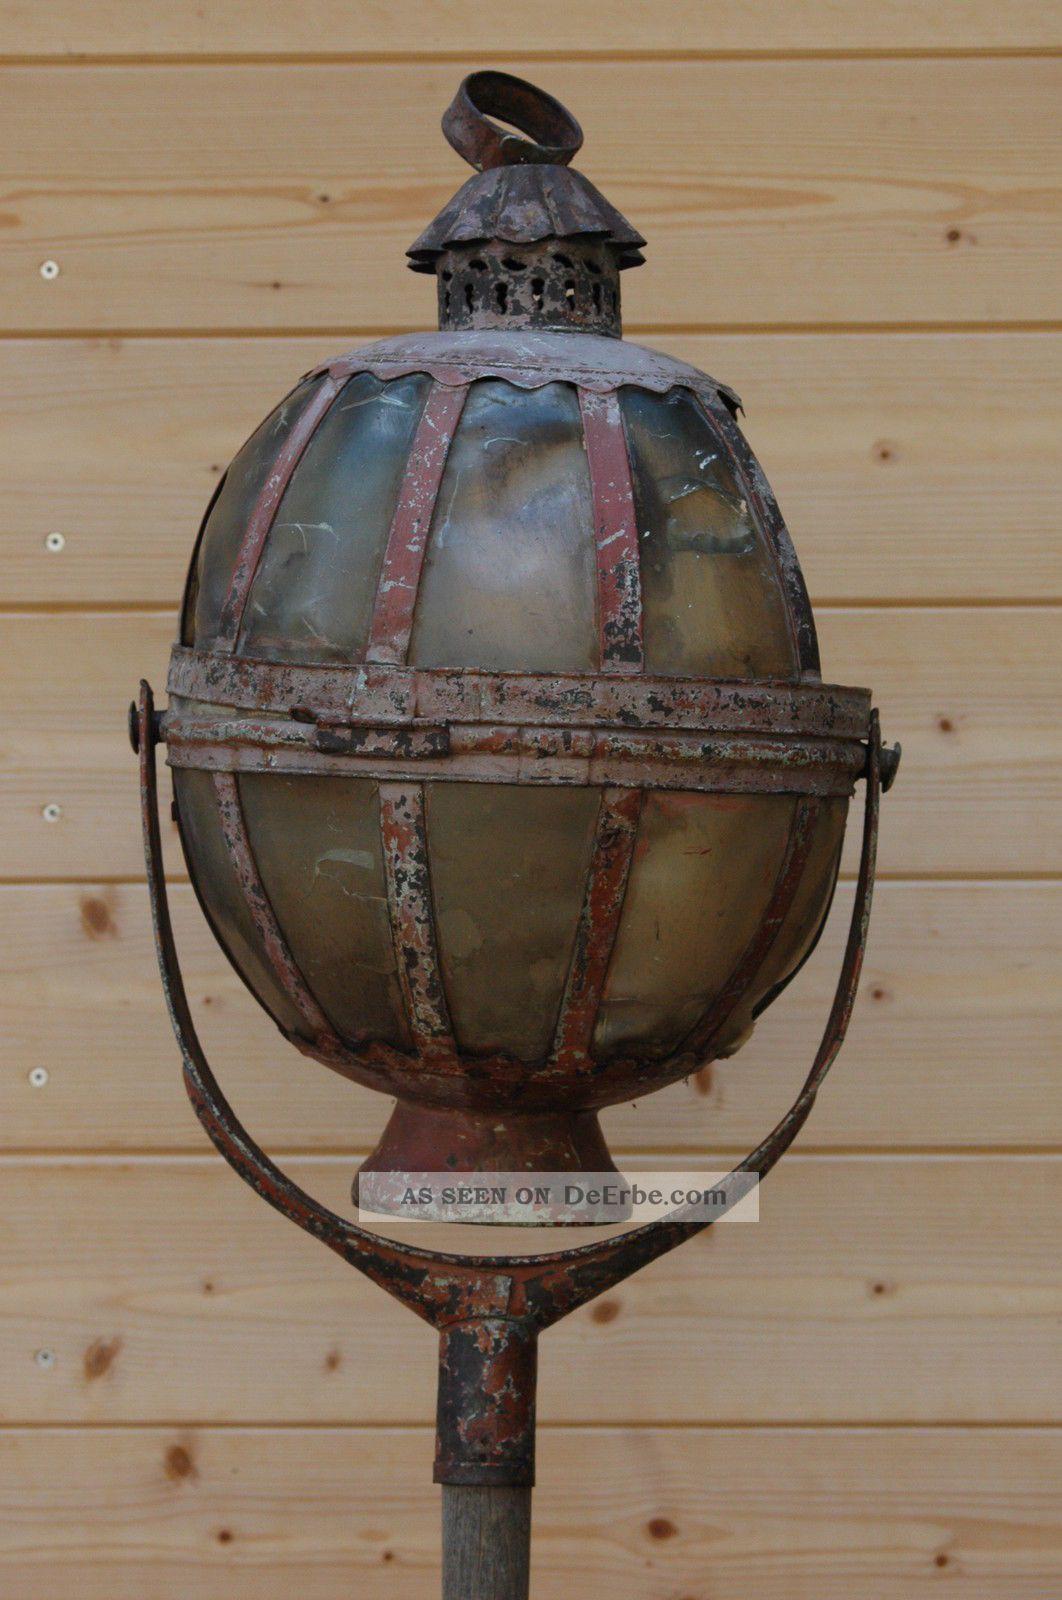 Antike Prozessionslaterne Aus Süddeutschland Prozessionslampe Lampe Prozession Kirchliches Gerät & Inventar Bild